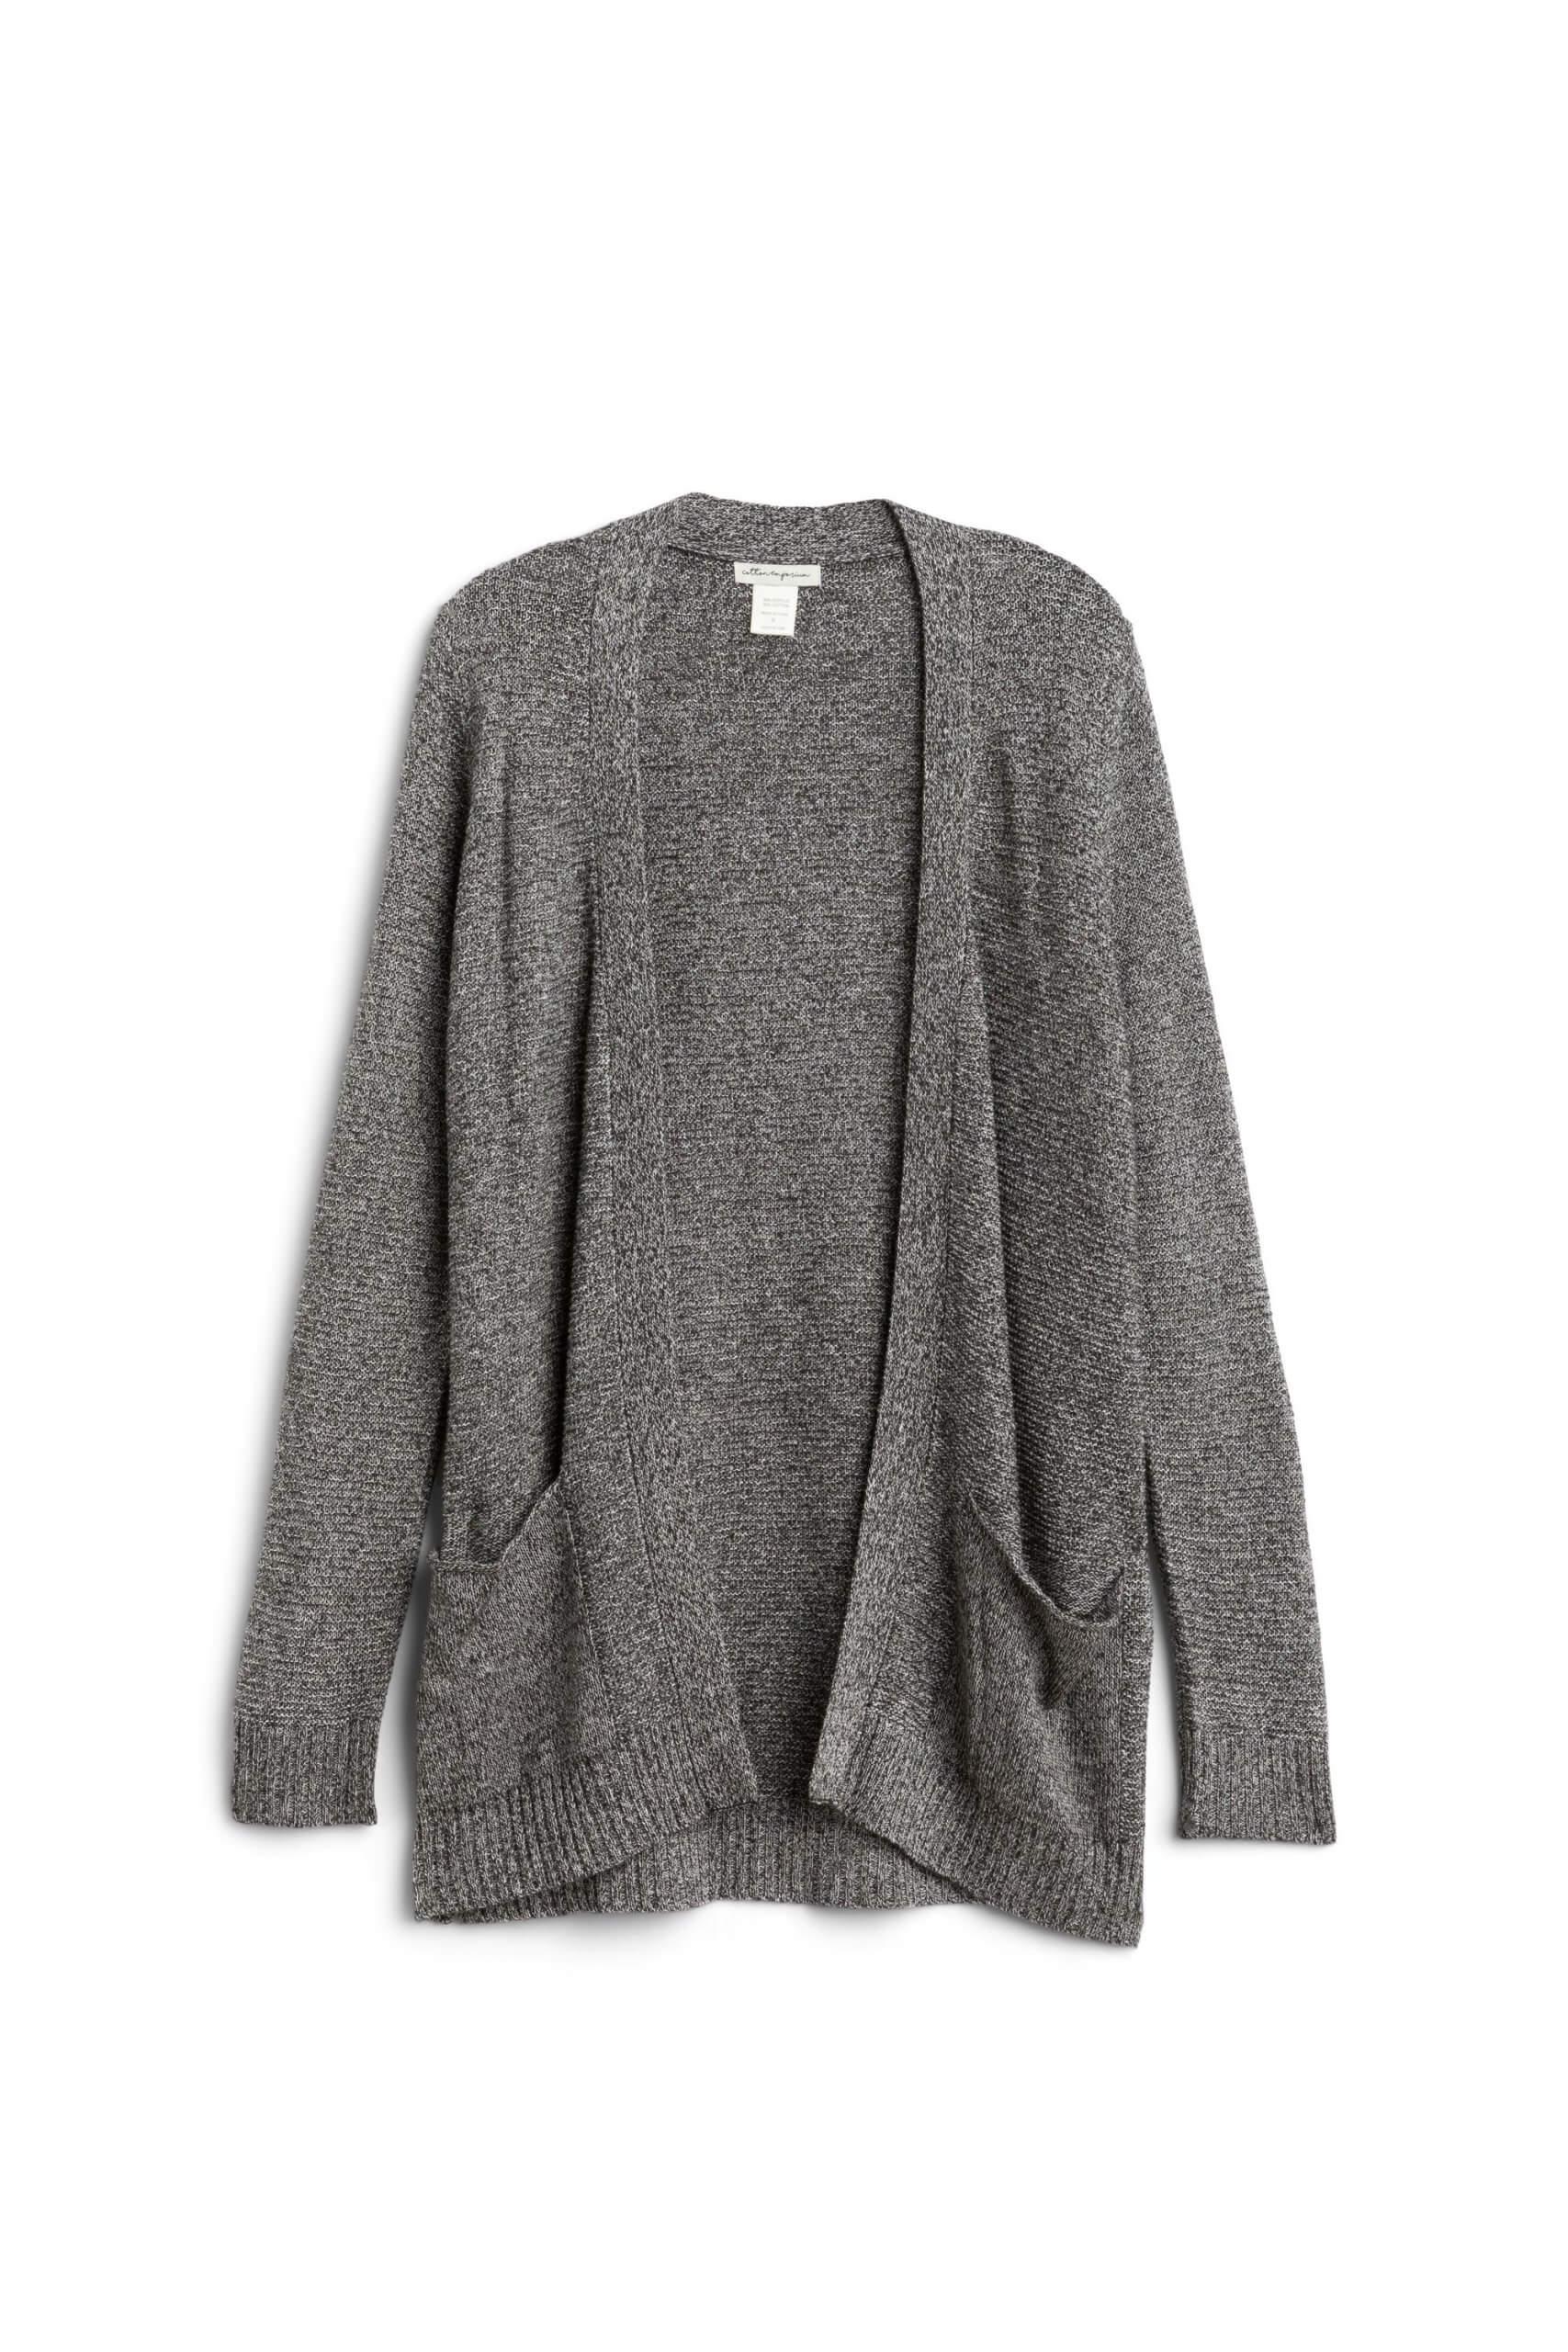 Stitch Fix Women's grey cardigan.